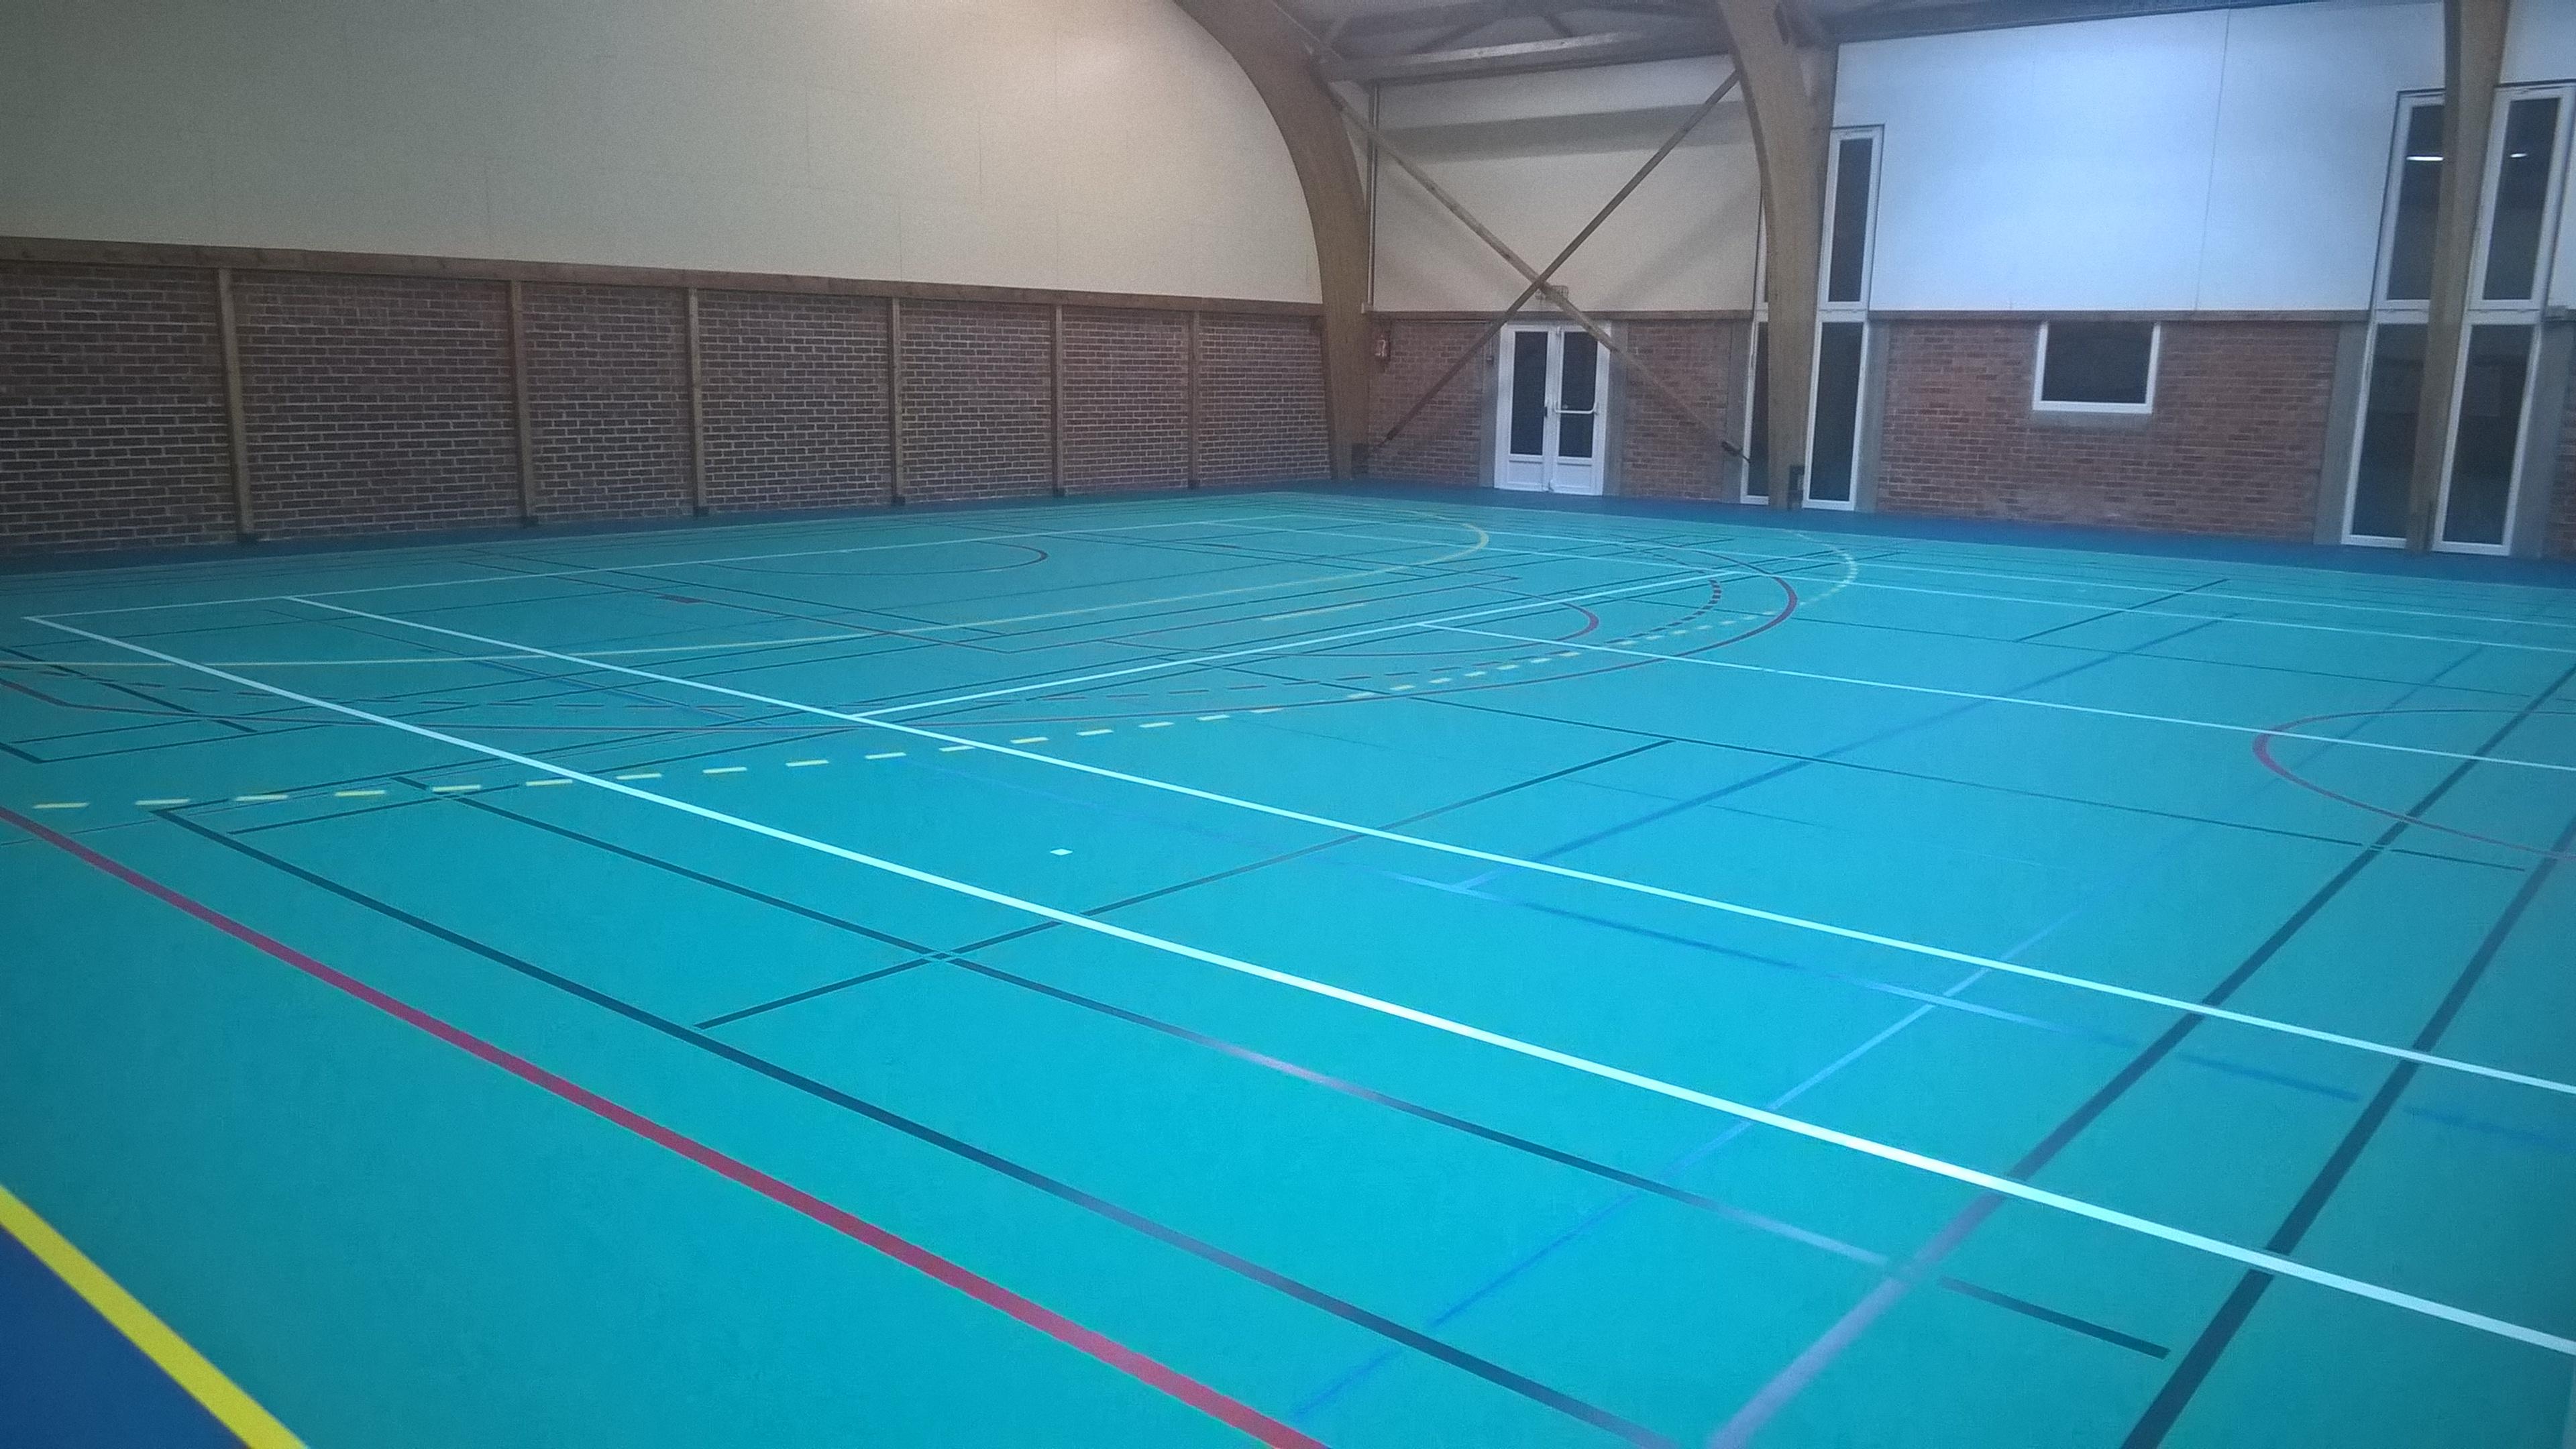 Sol Pour Salle De Sport un nouveau sol pour la salle des sports de lompret – lompret